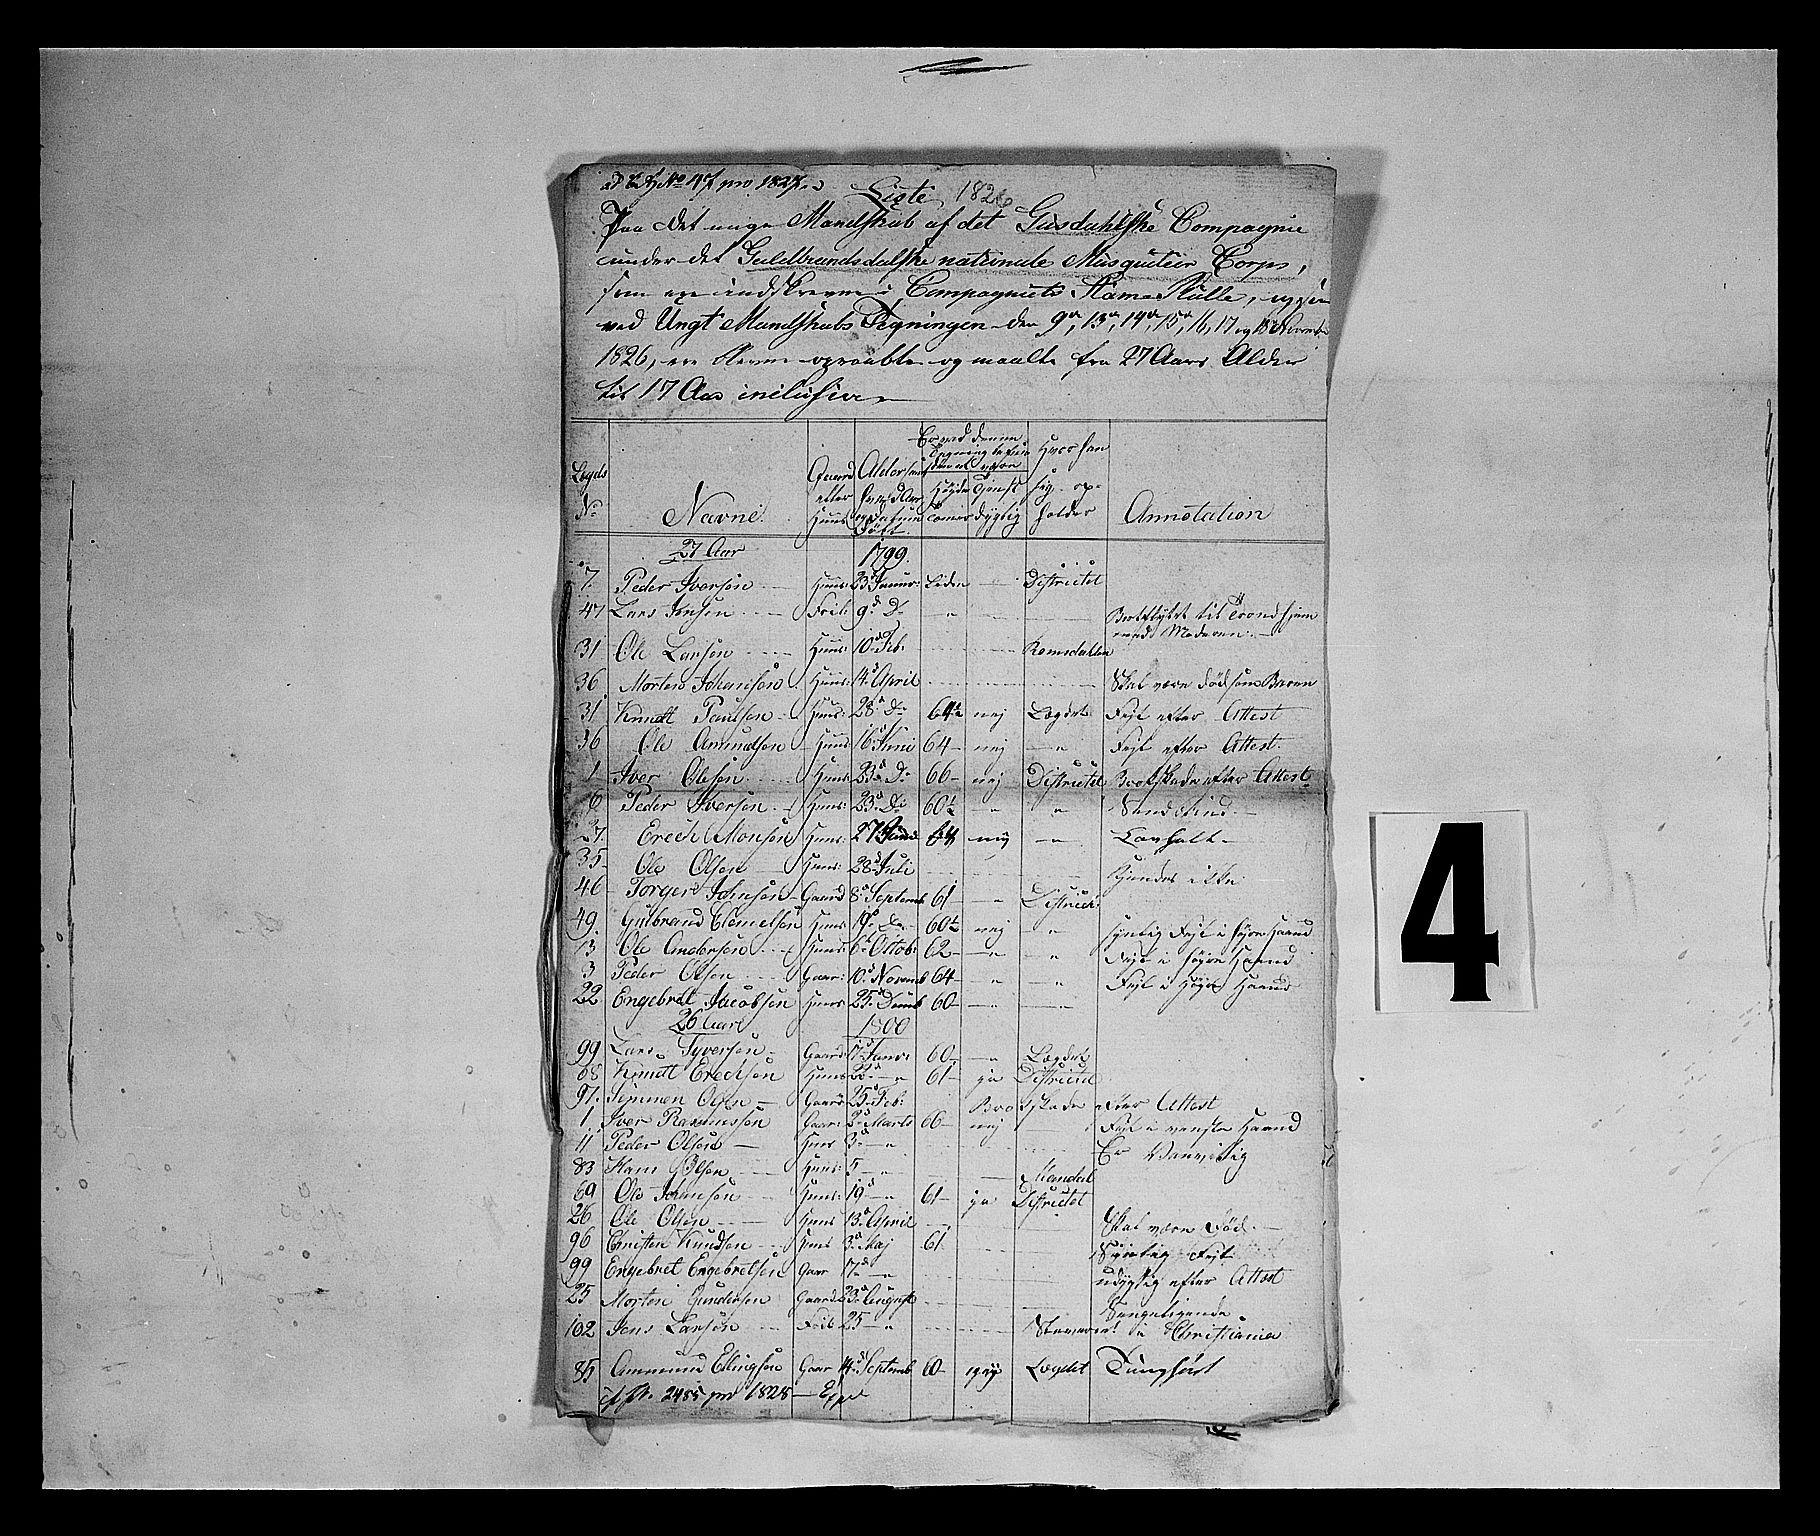 SAH, Fylkesmannen i Oppland, K/Ka/L1155: Gudbrandsdalen nasjonale musketérkorps - Gausdalske kompani, 3. og 4. divisjon av Opland landvernsbataljon, 1818-1860, s. 28